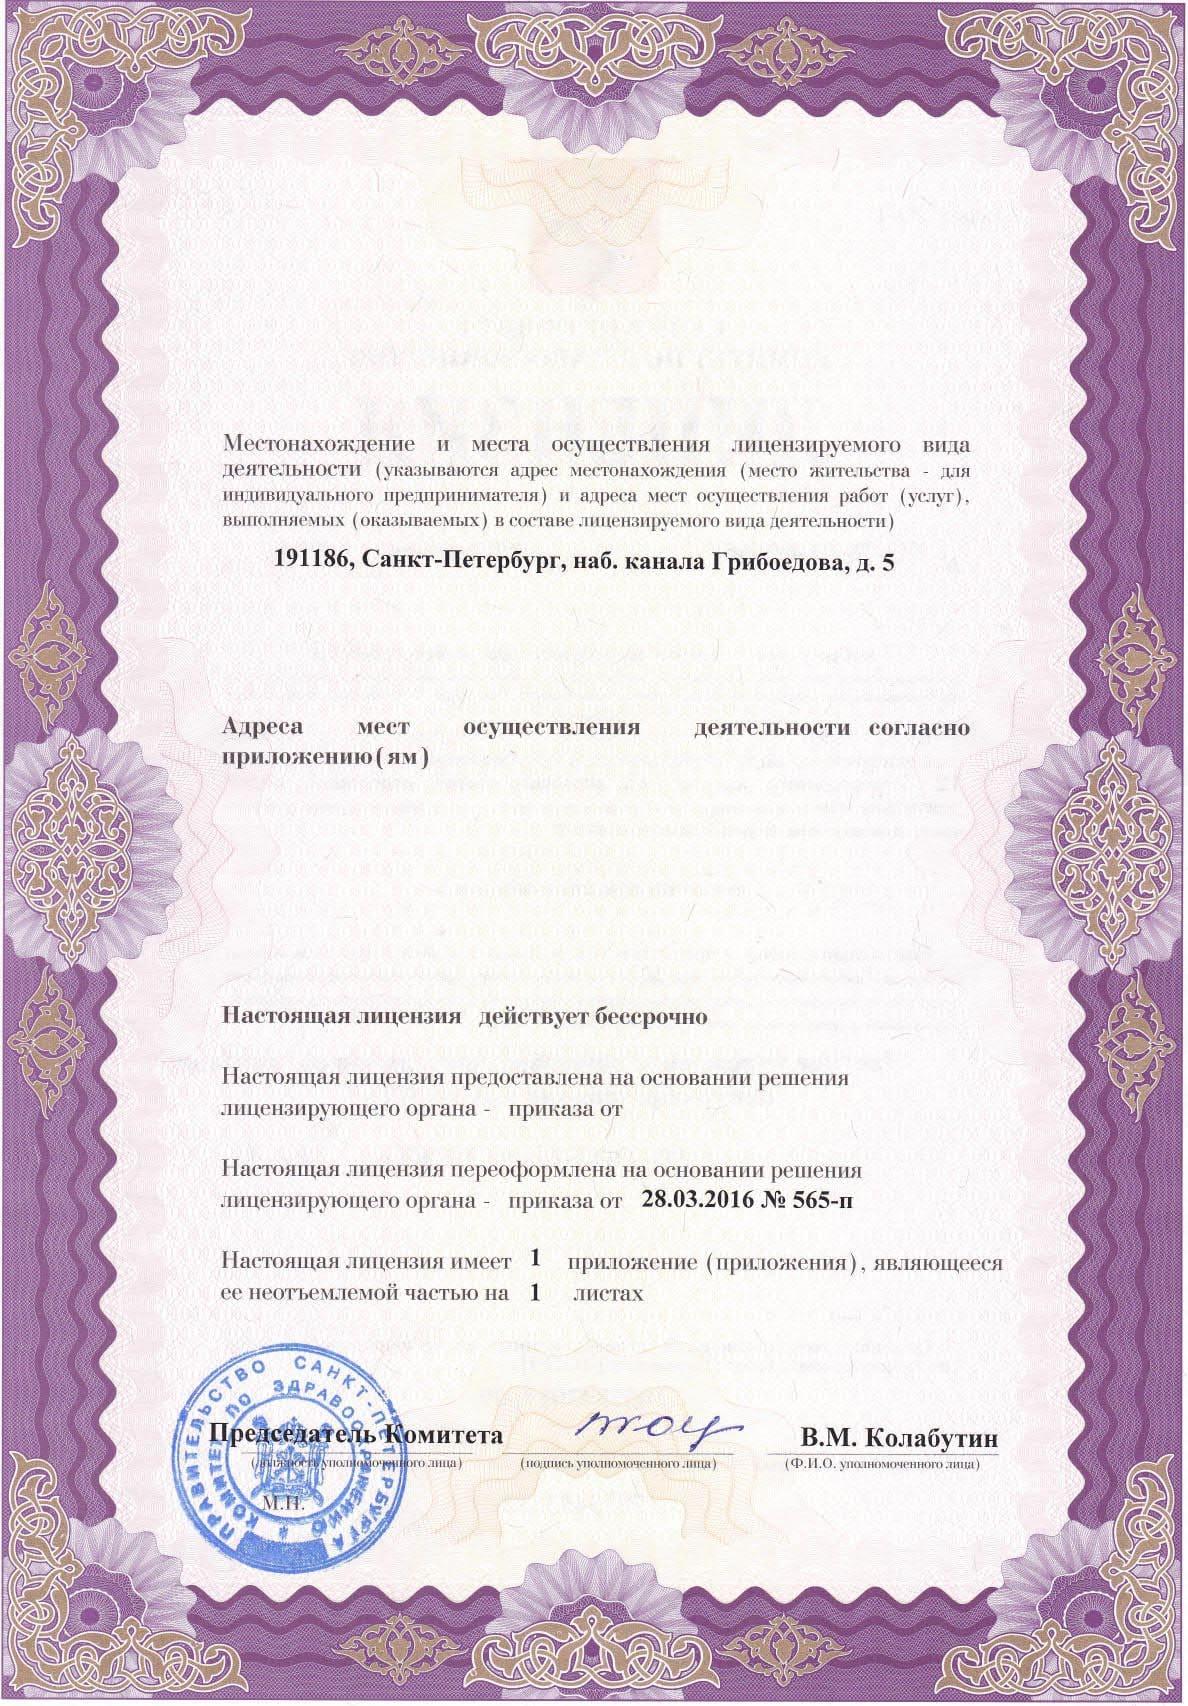 Лицензия на осуществление медицинской деятельности (2стр)